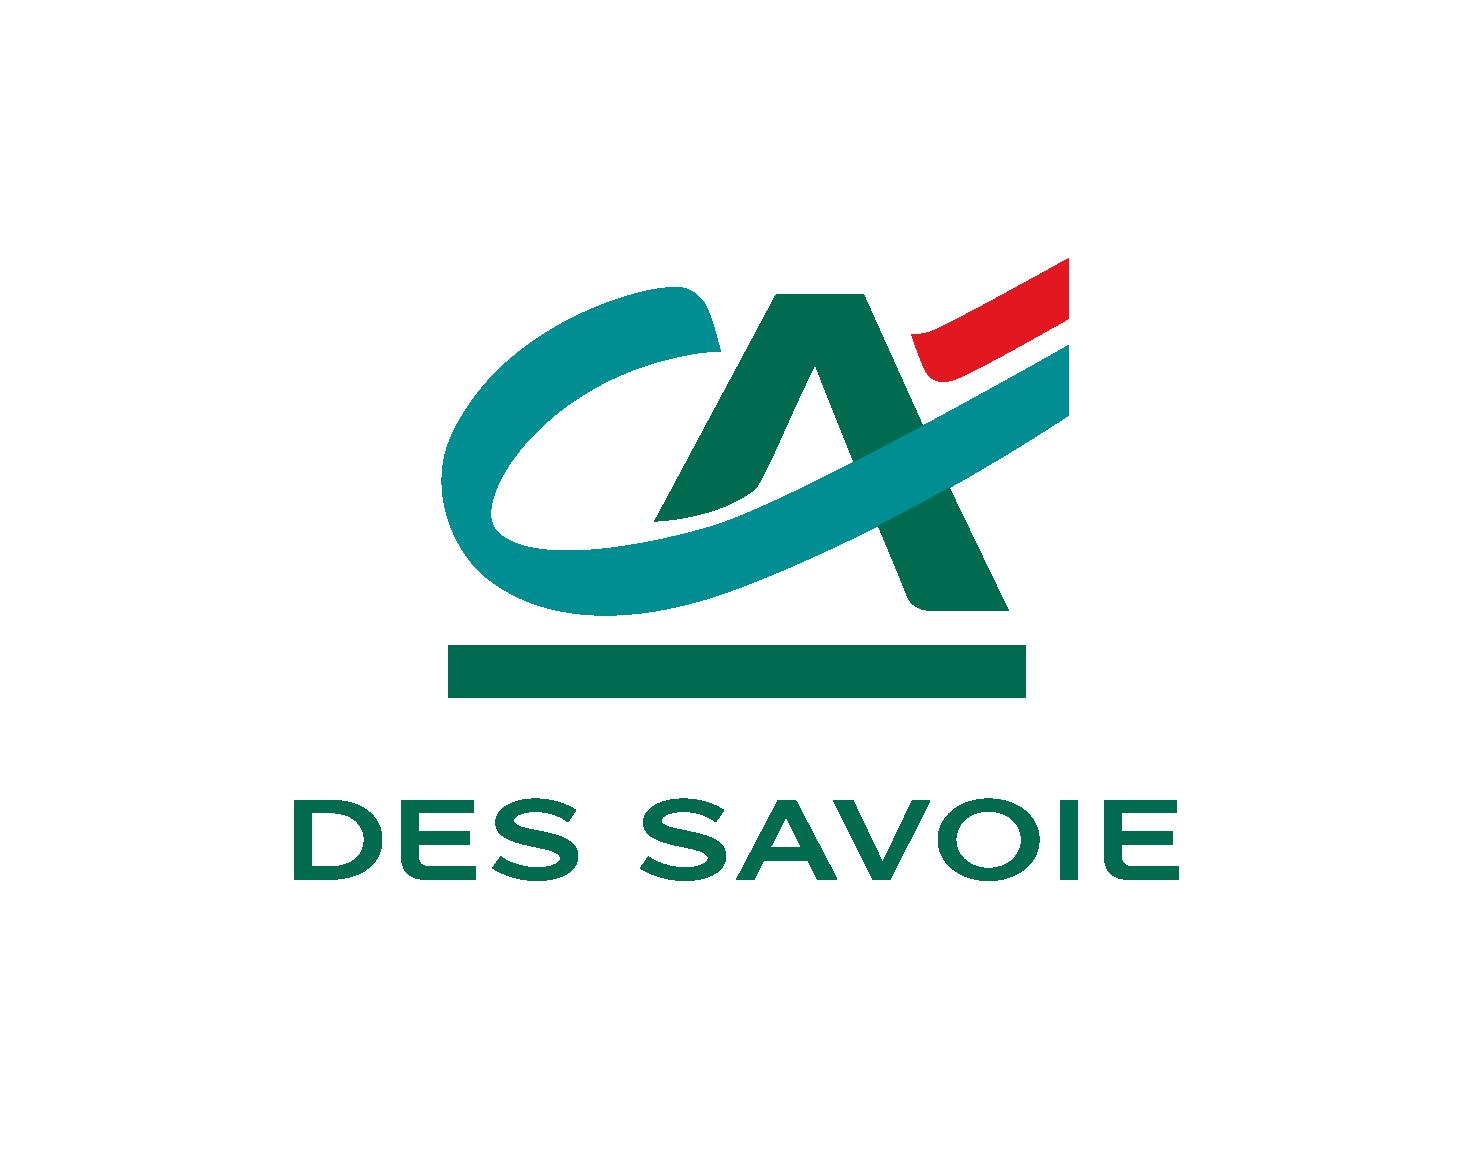 Client CADEA Solutions Aménagement credit agricole des savoies